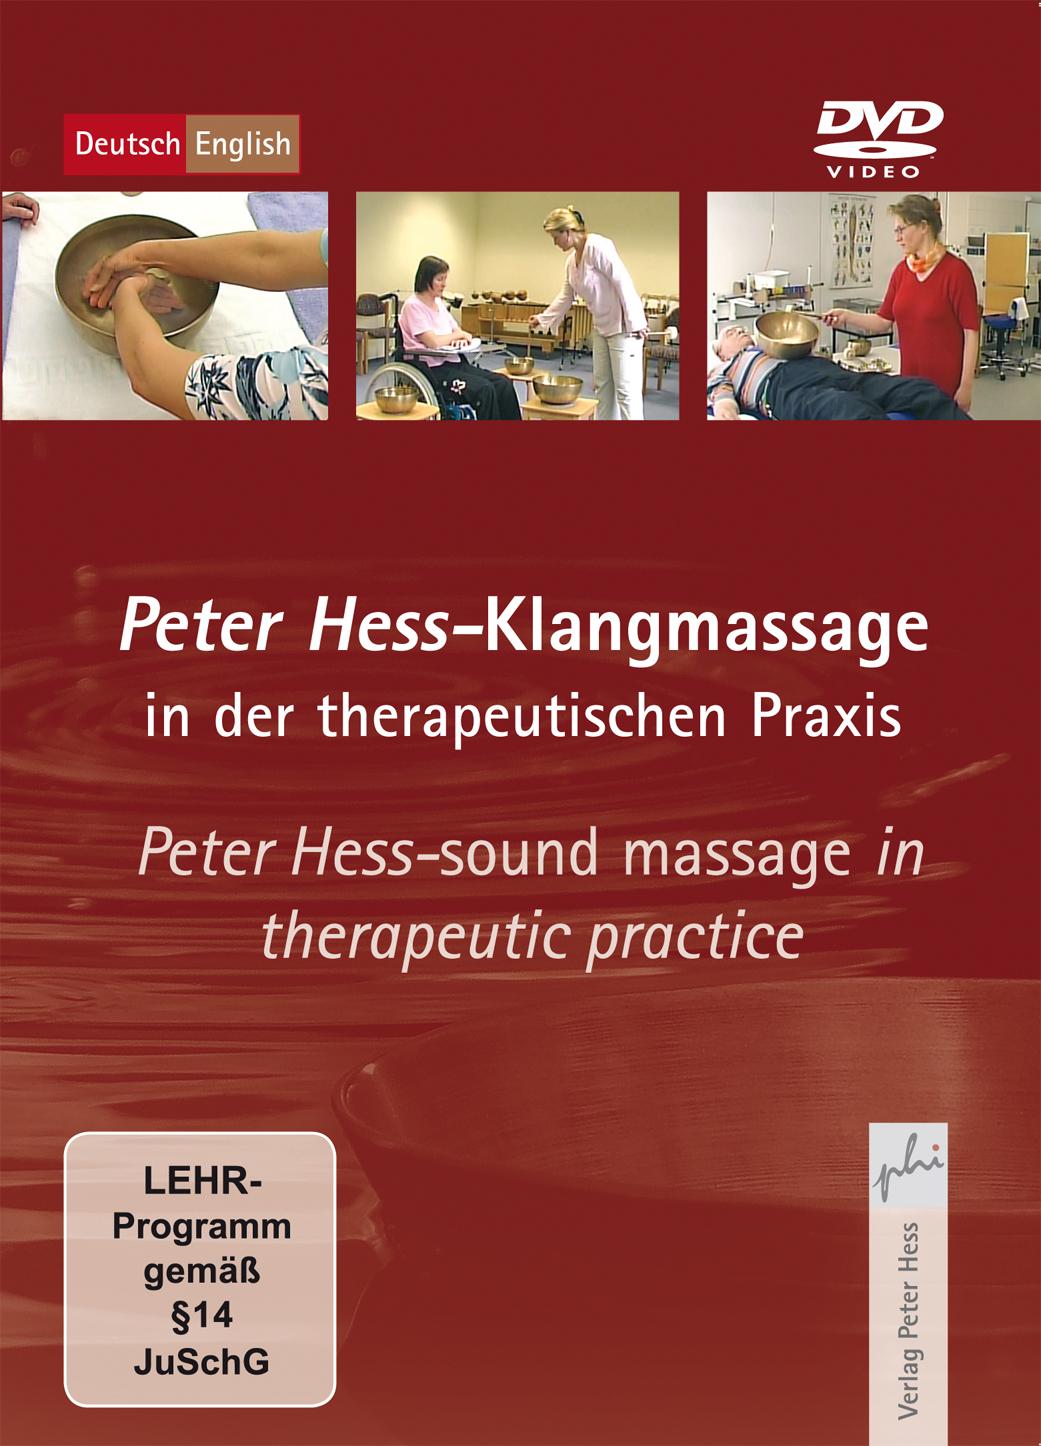 Hülle_therapeutsiche_d_e_FSK13.indd